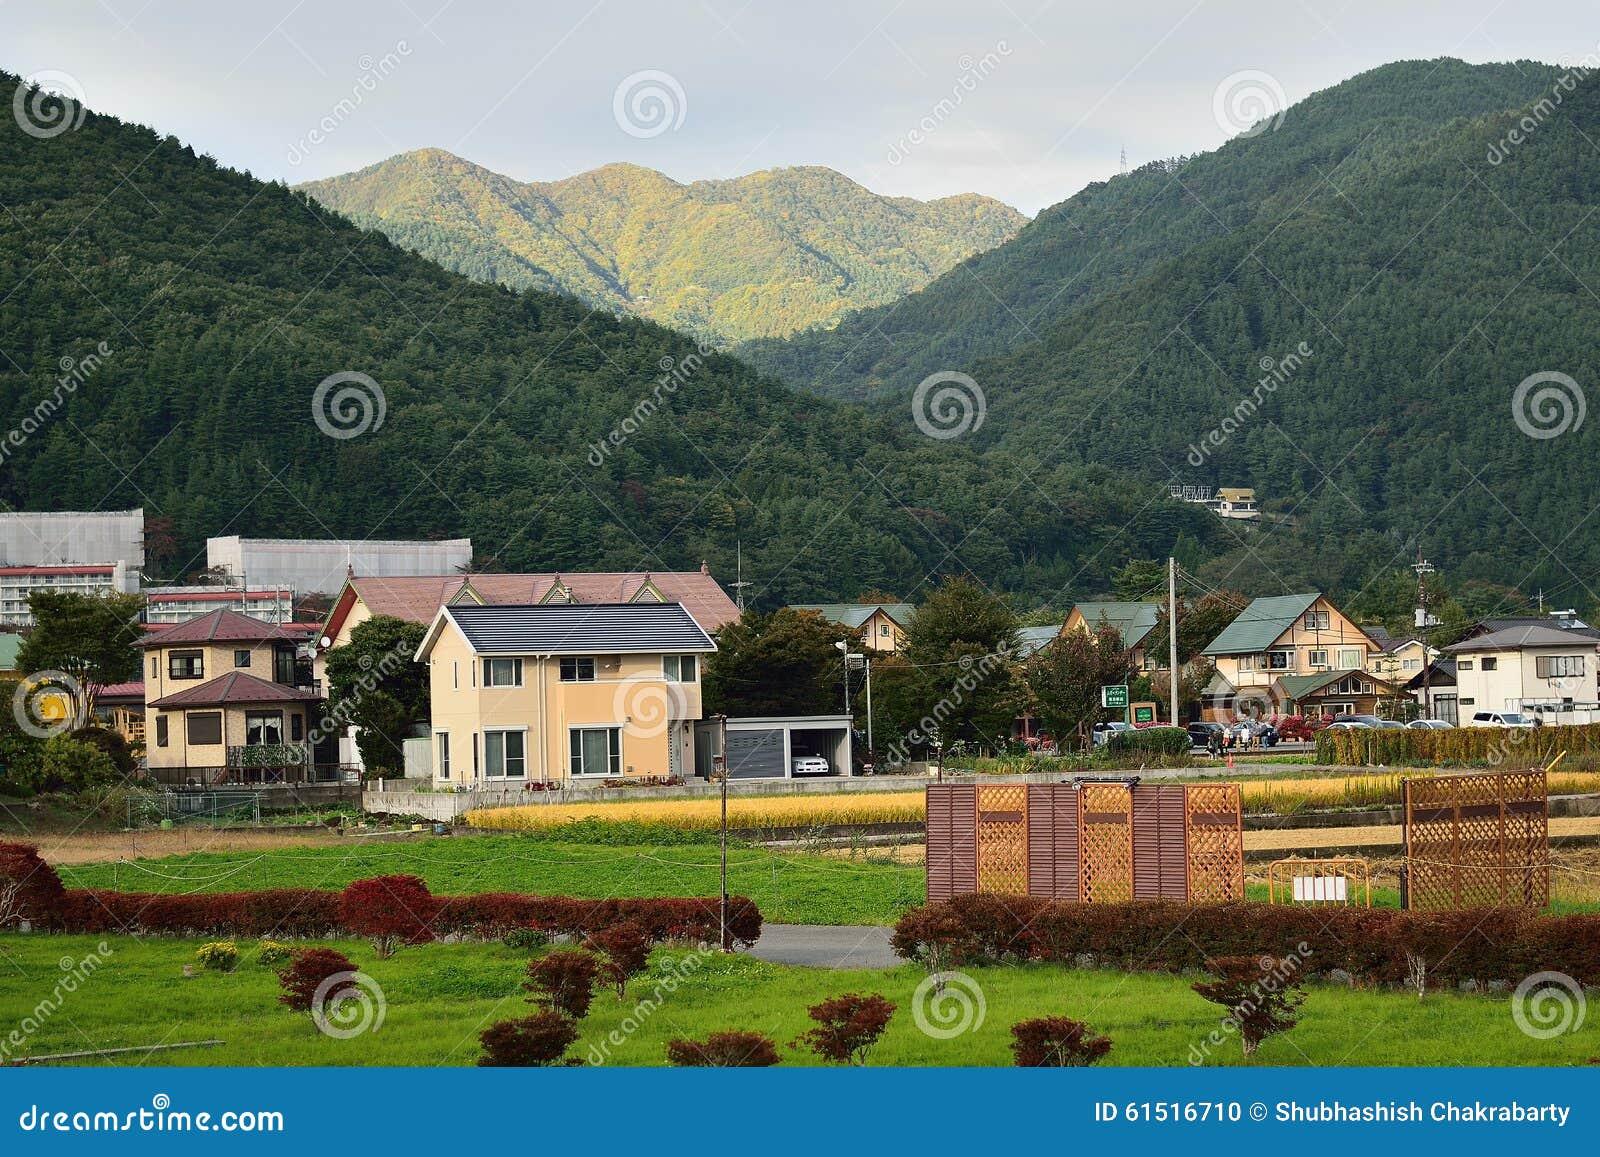 日本风景_平安的日本农村风景